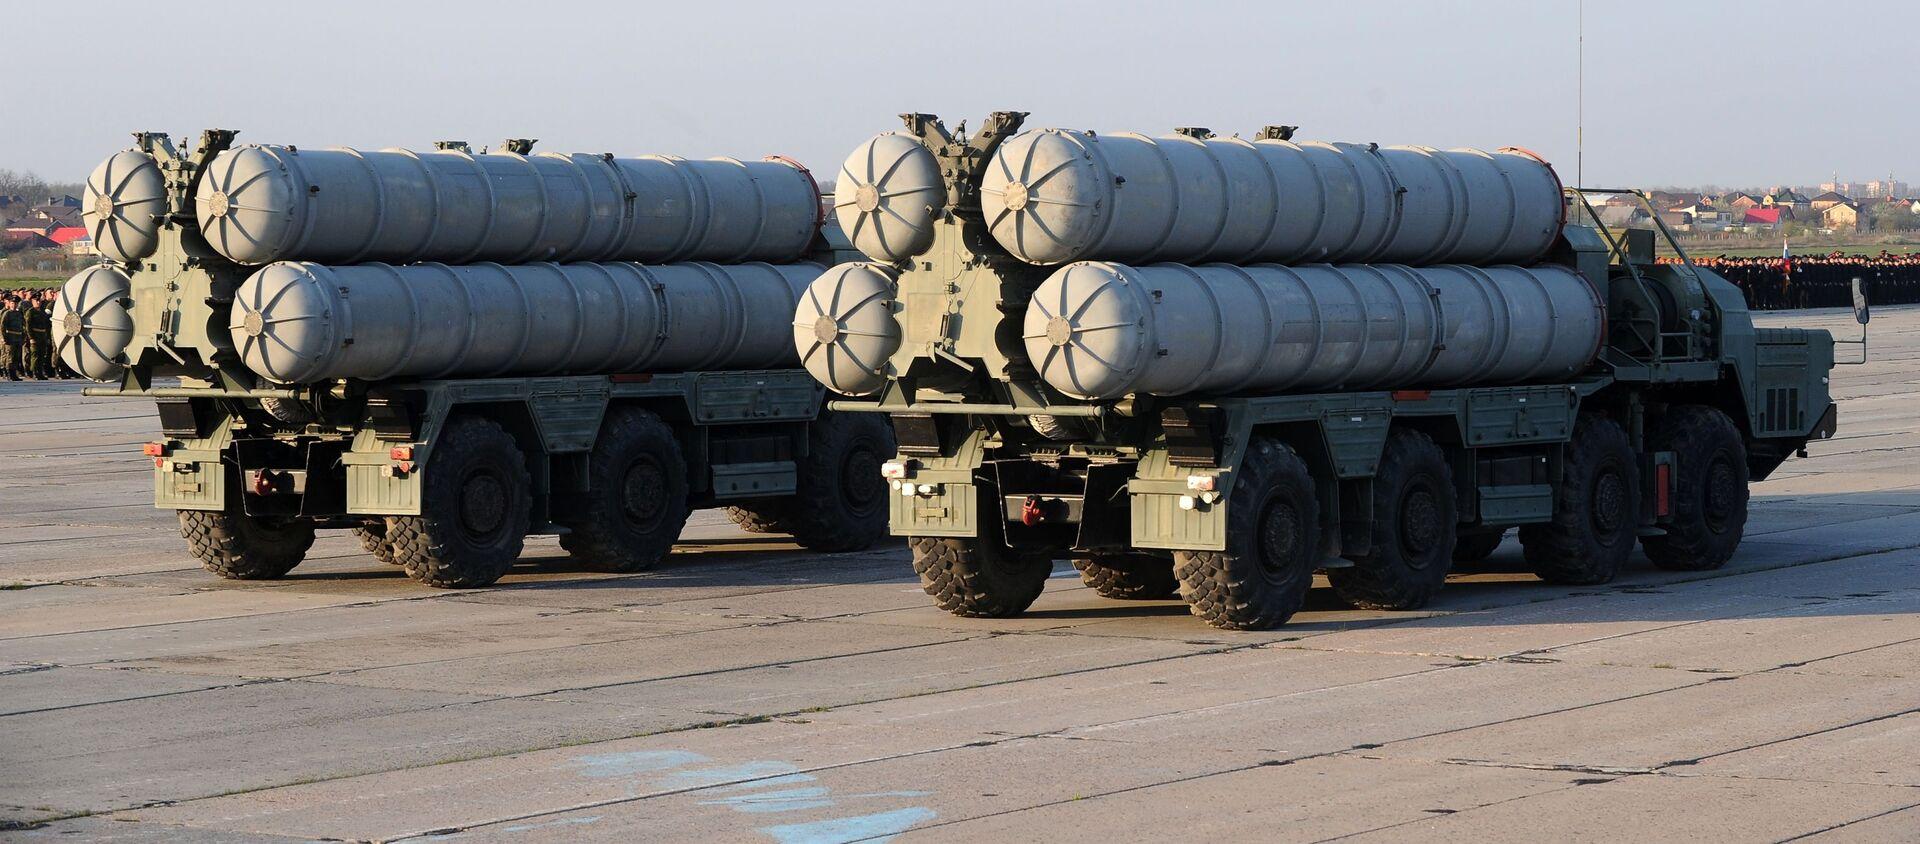 Зенитные ракетные системы (ЗРС) С-400 Триумф  - Sputnik Грузия, 1920, 09.07.2020